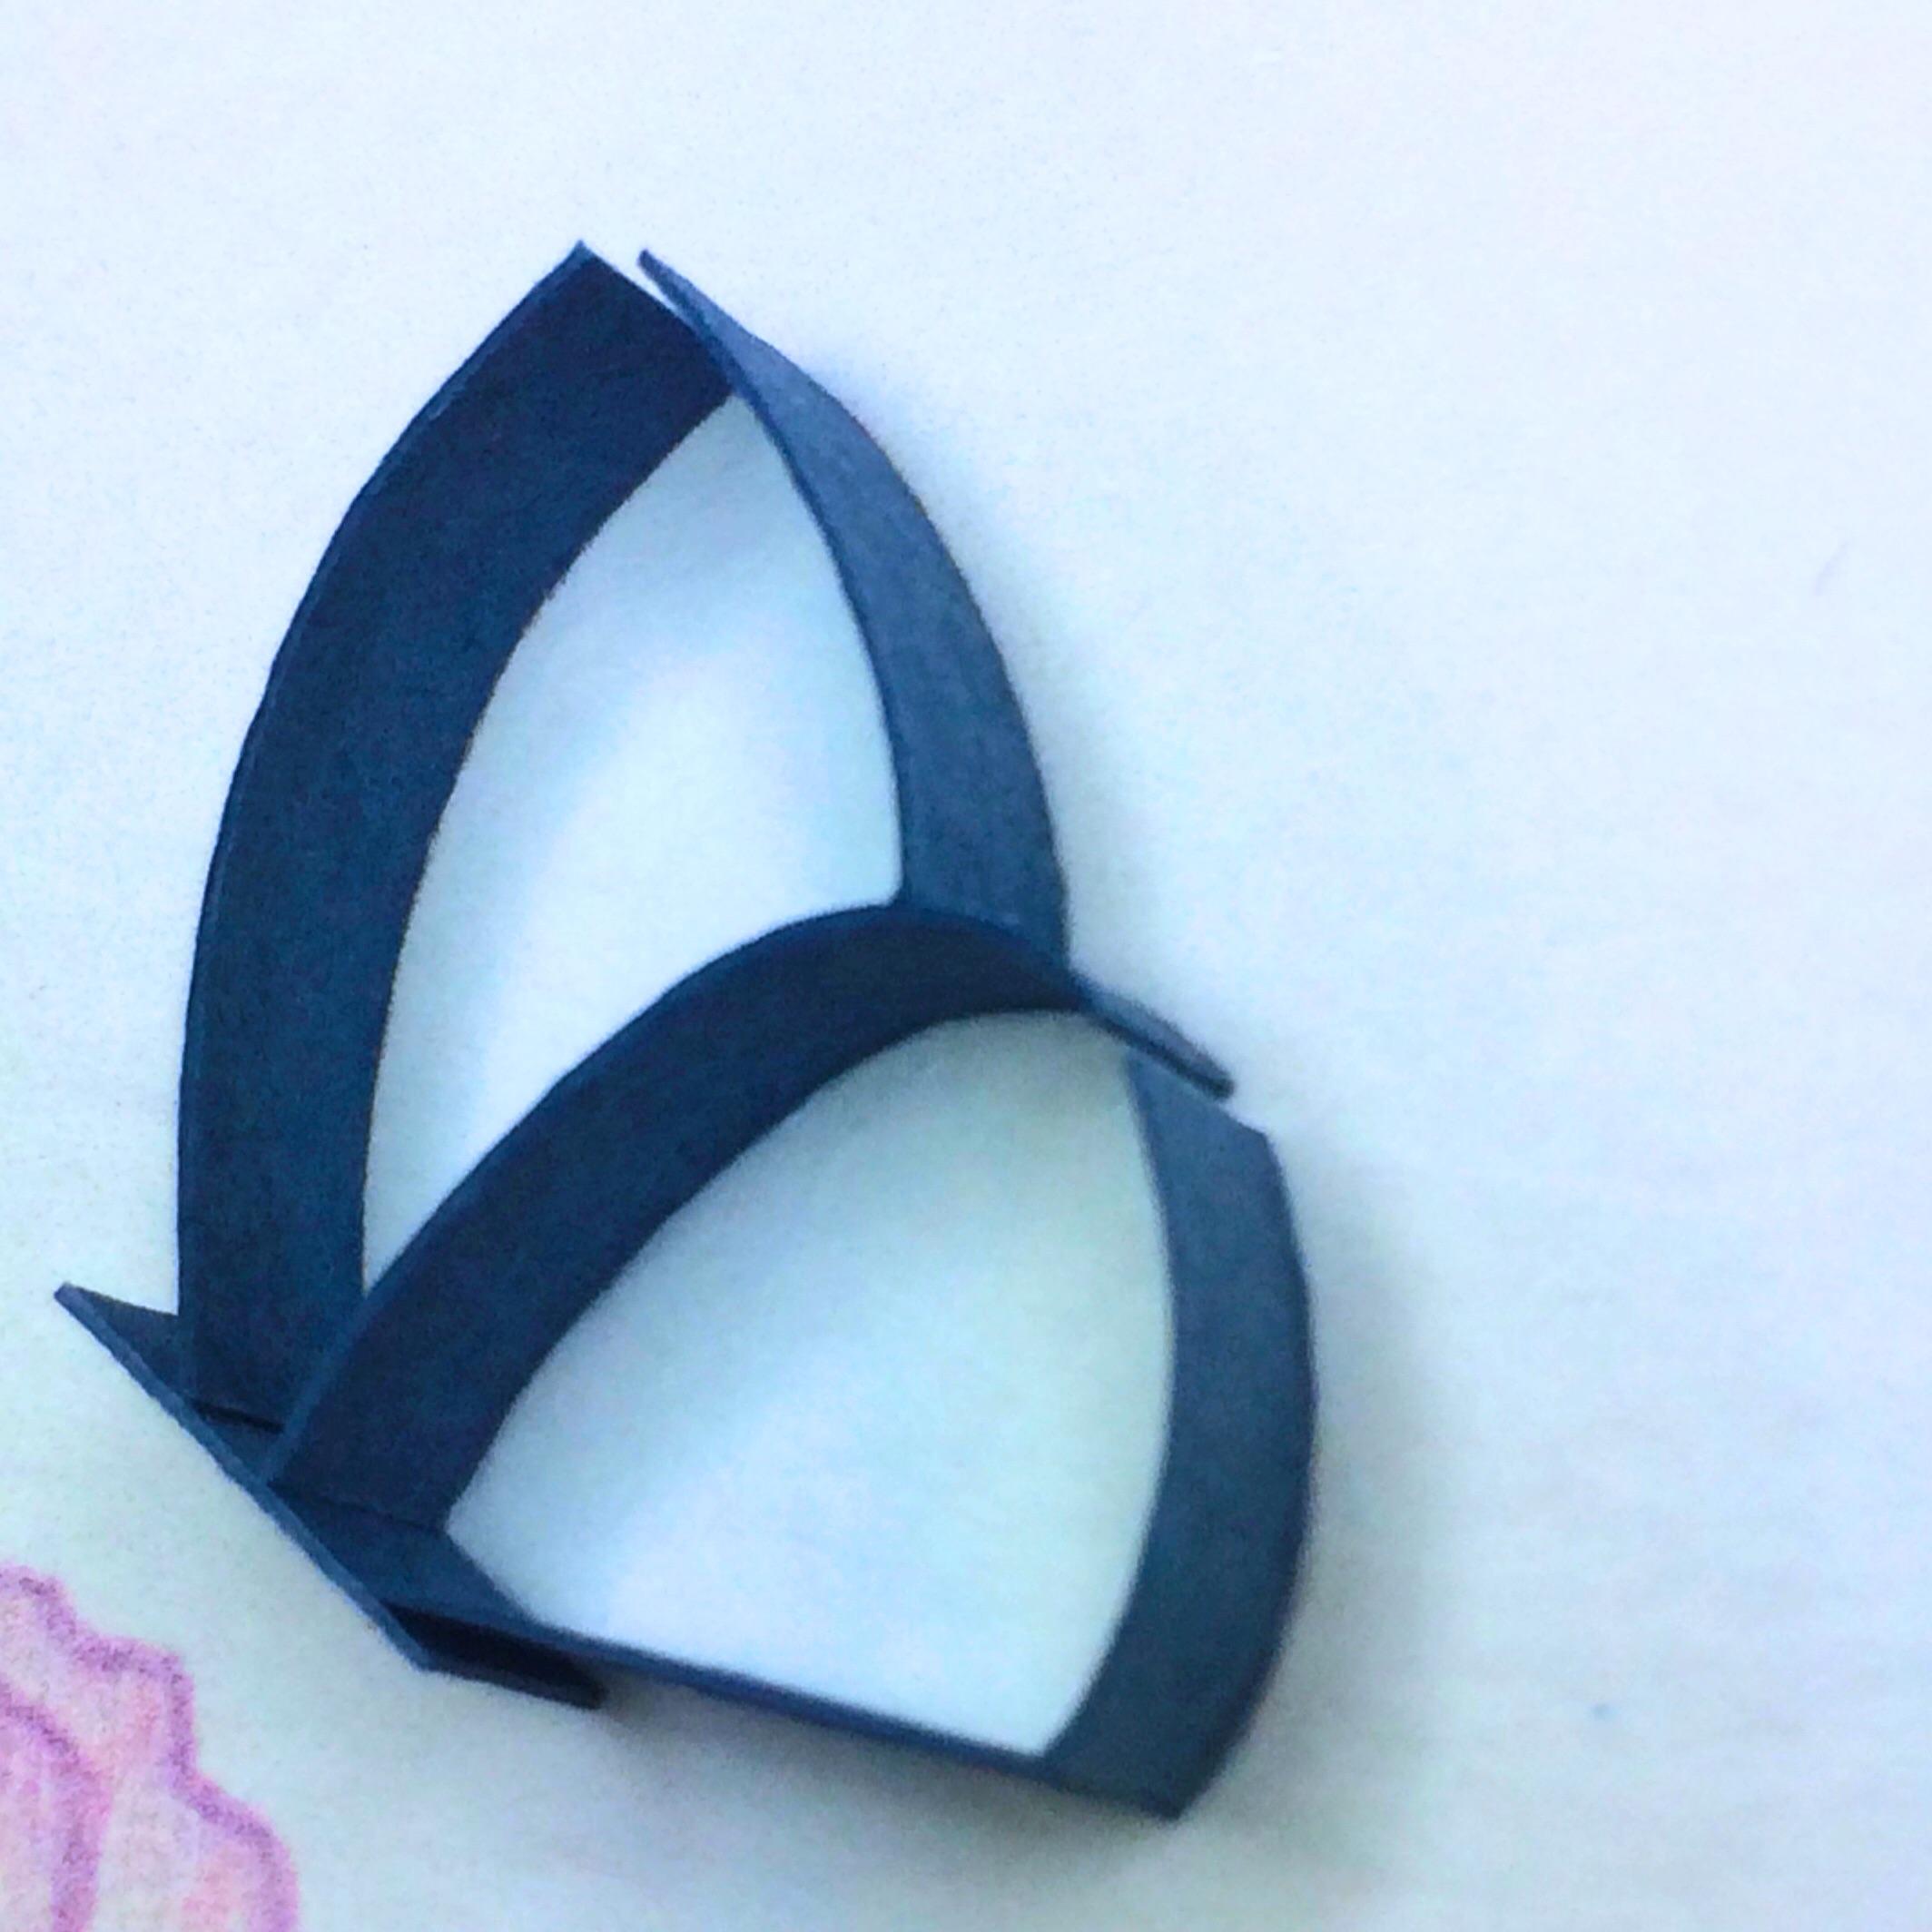 紙tateruテク ボンド跡画像2